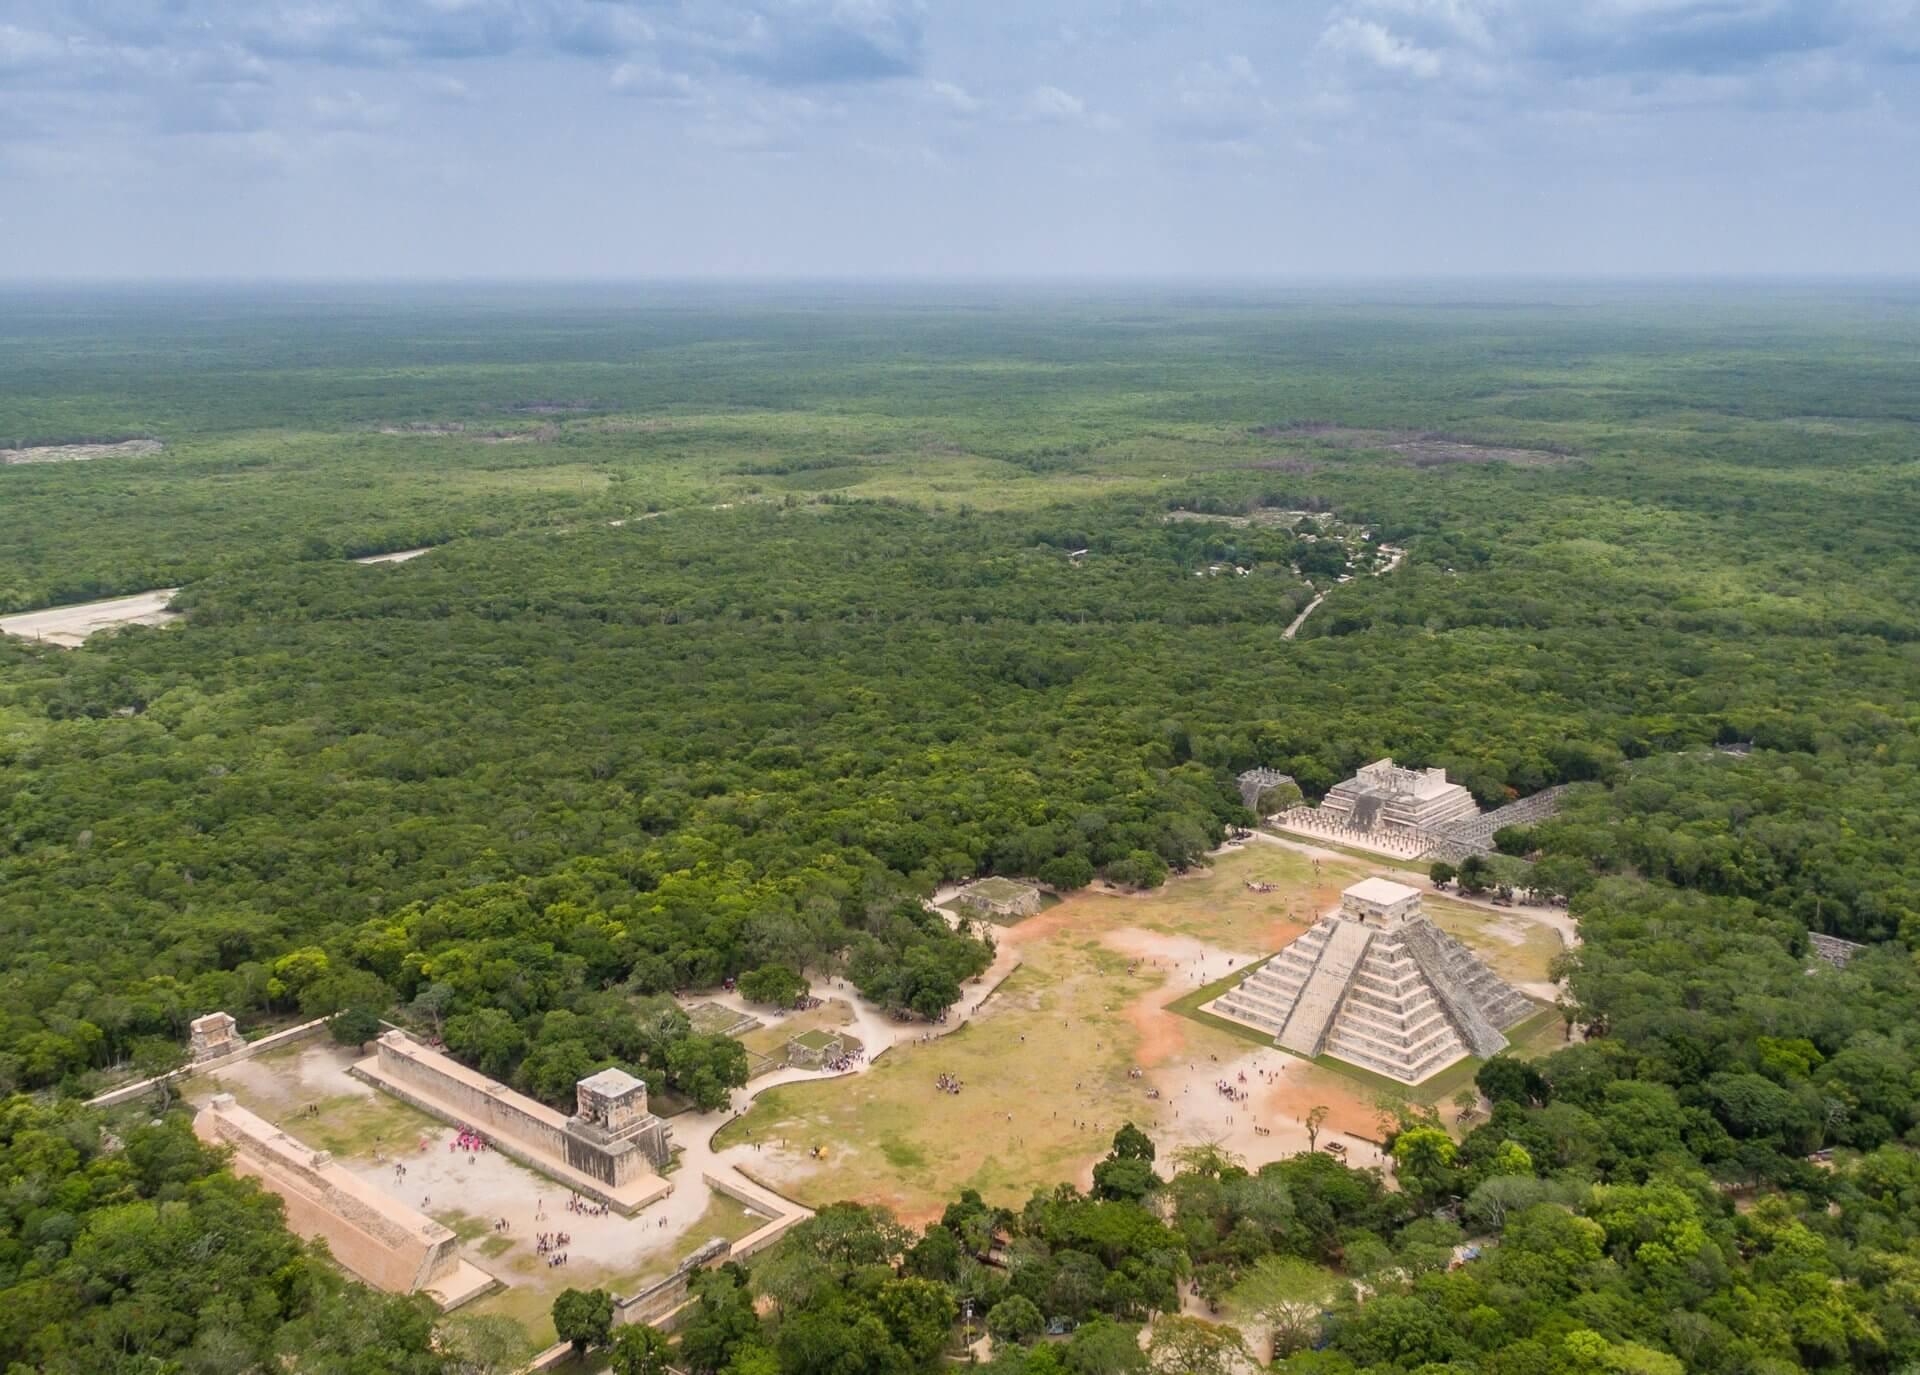 viaje arqueológico al mundo maya Chichen Itzá